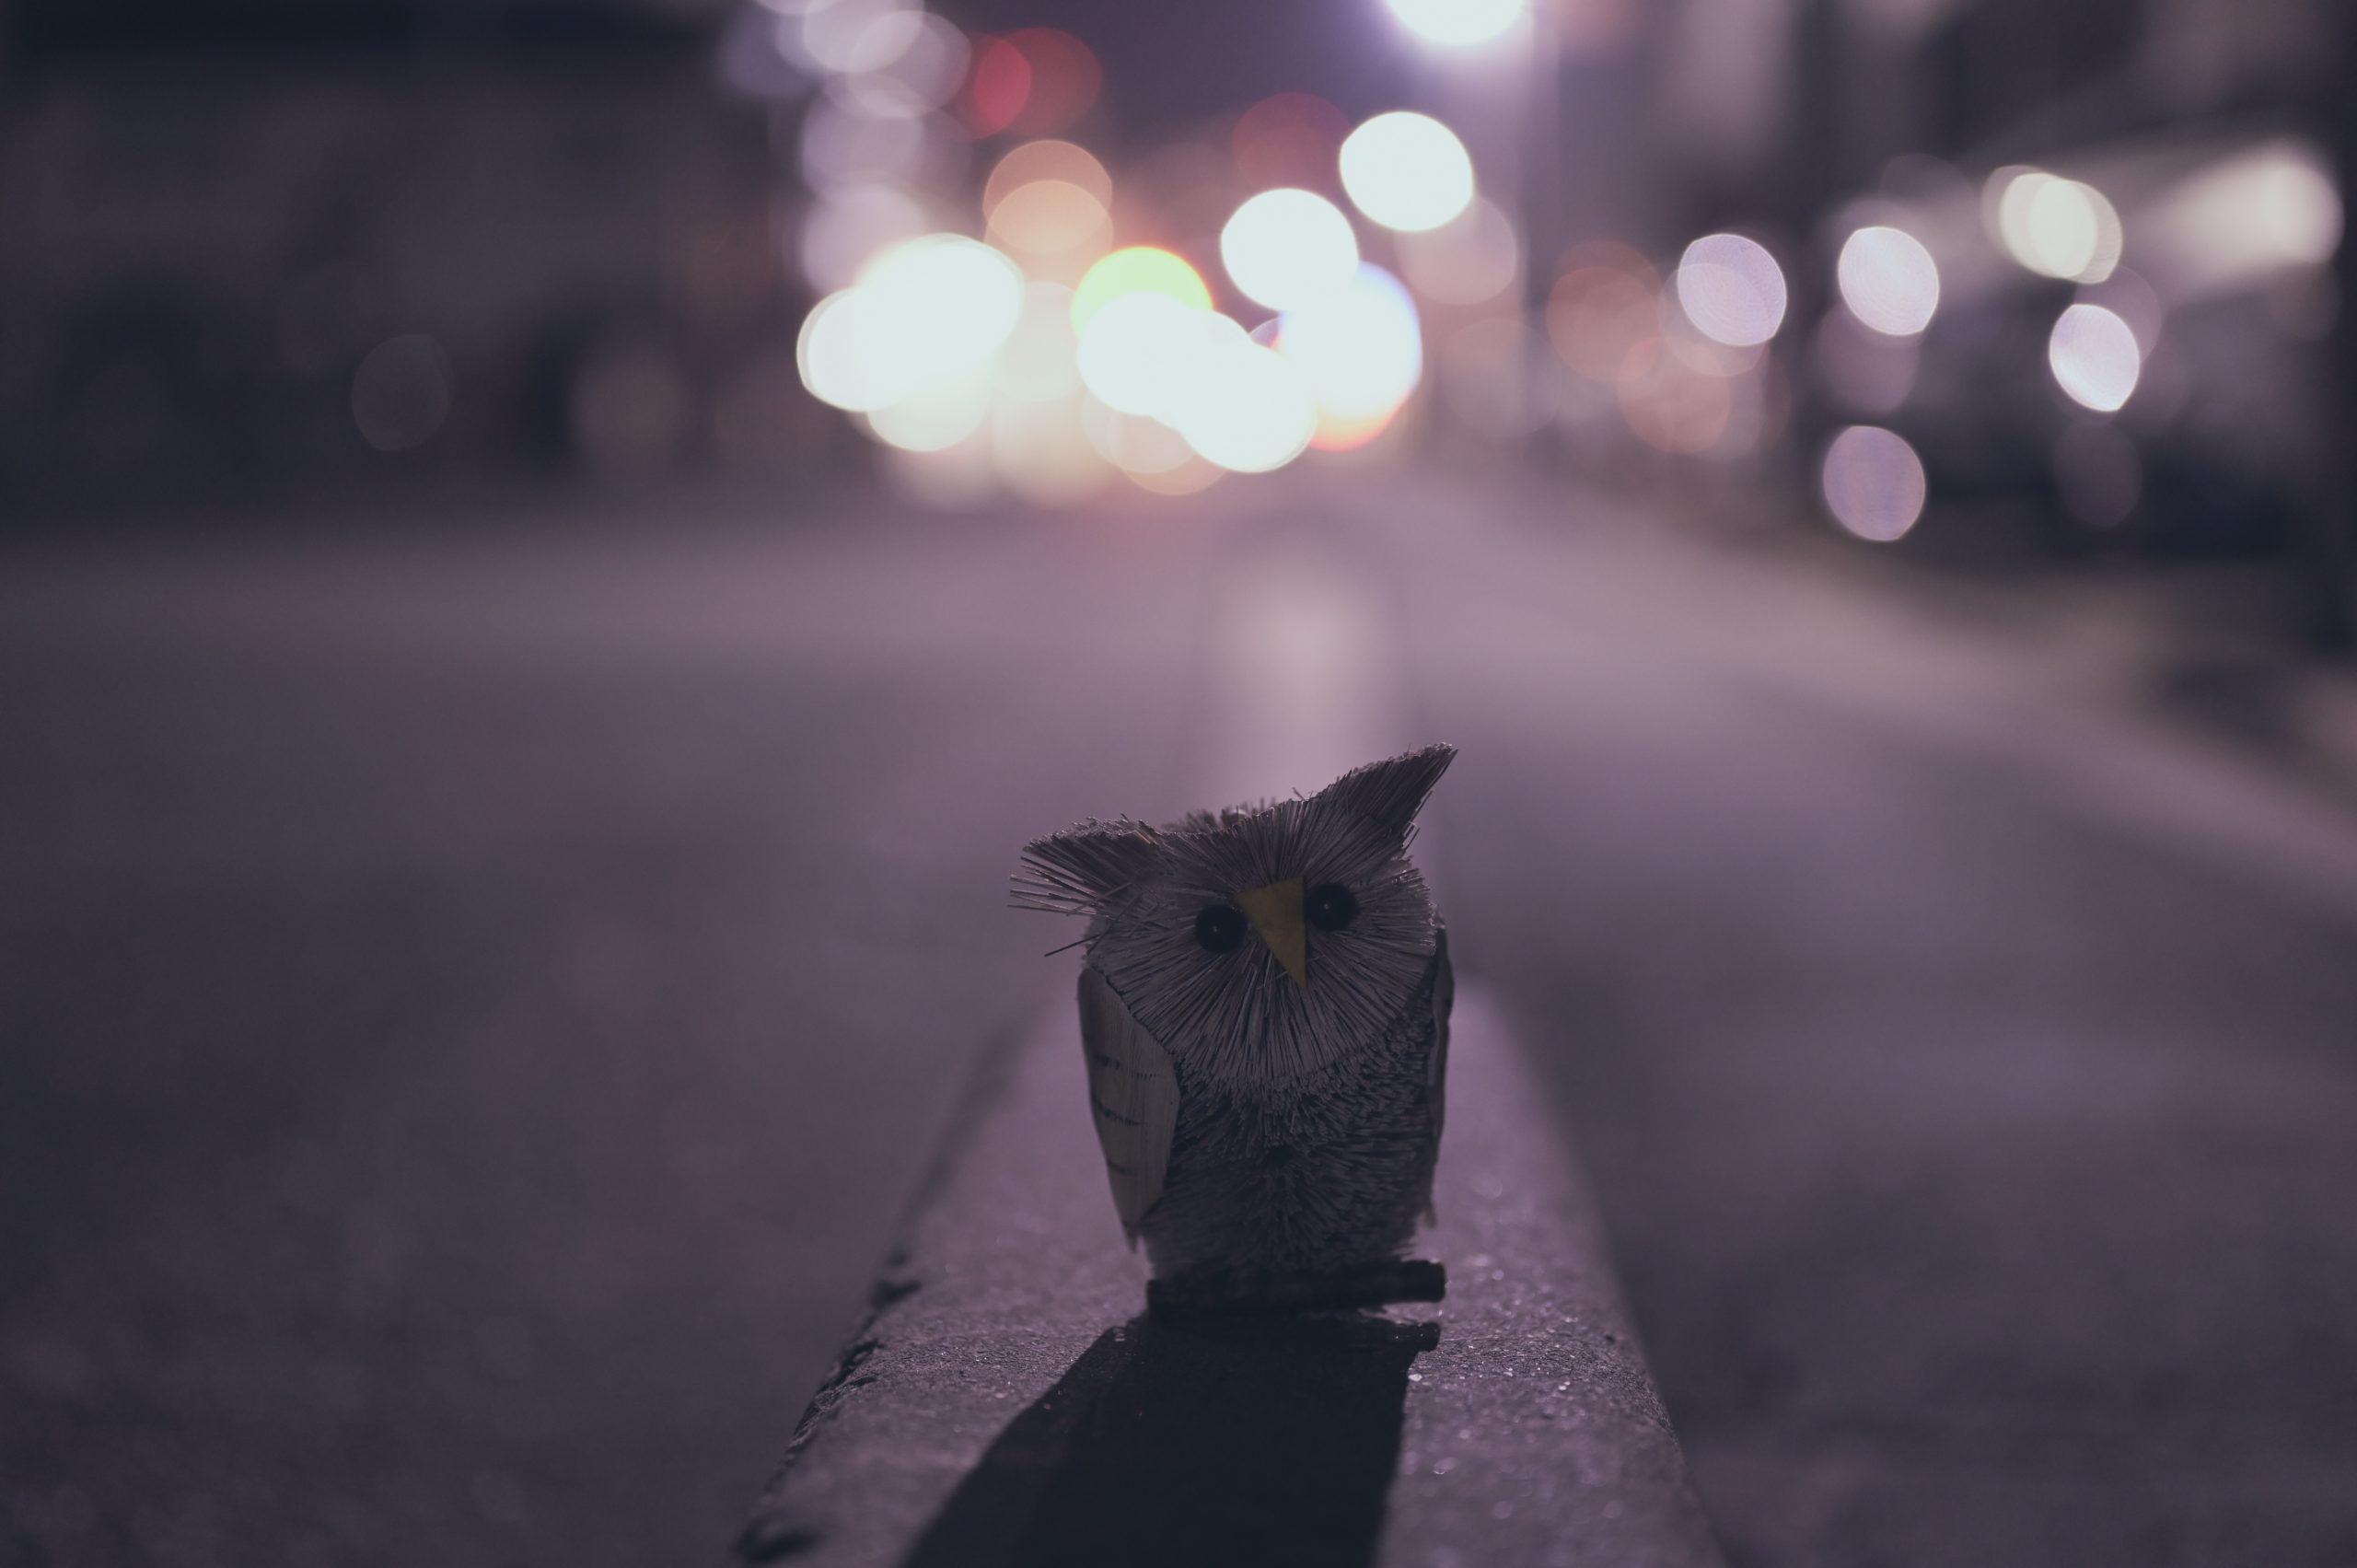 【Nikon】真夜中の物撮り×Z6